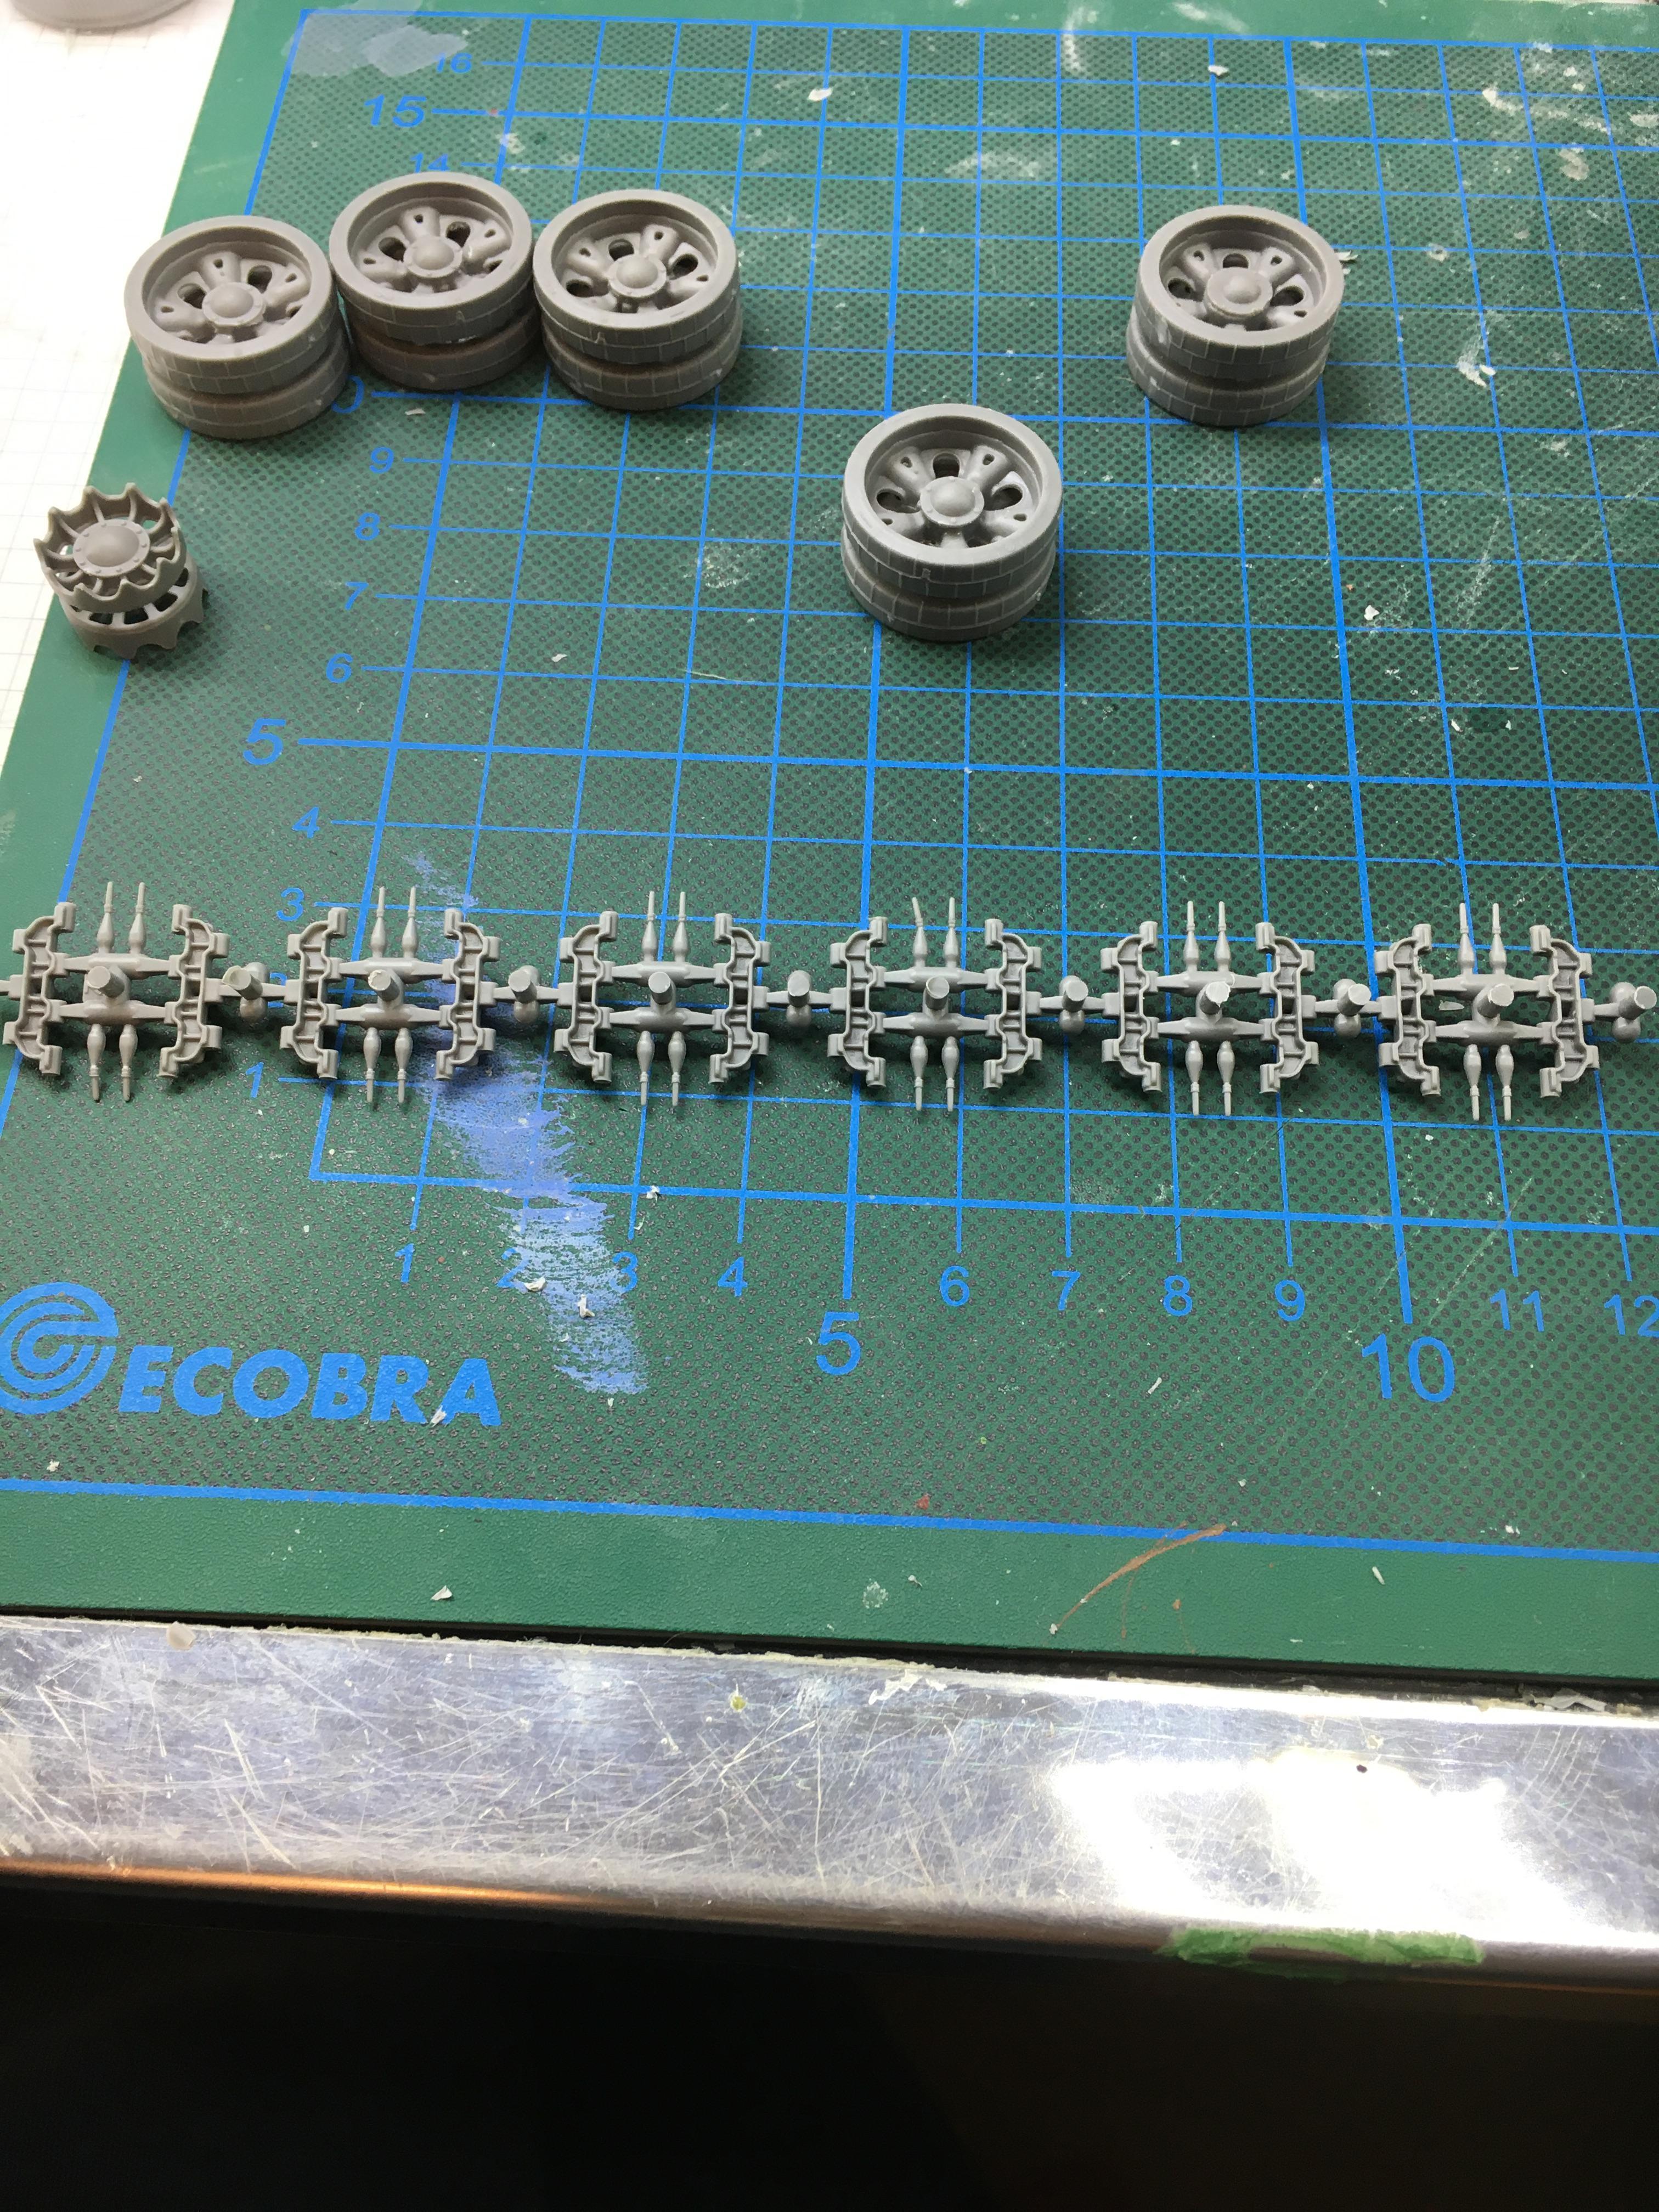 assembling tracks